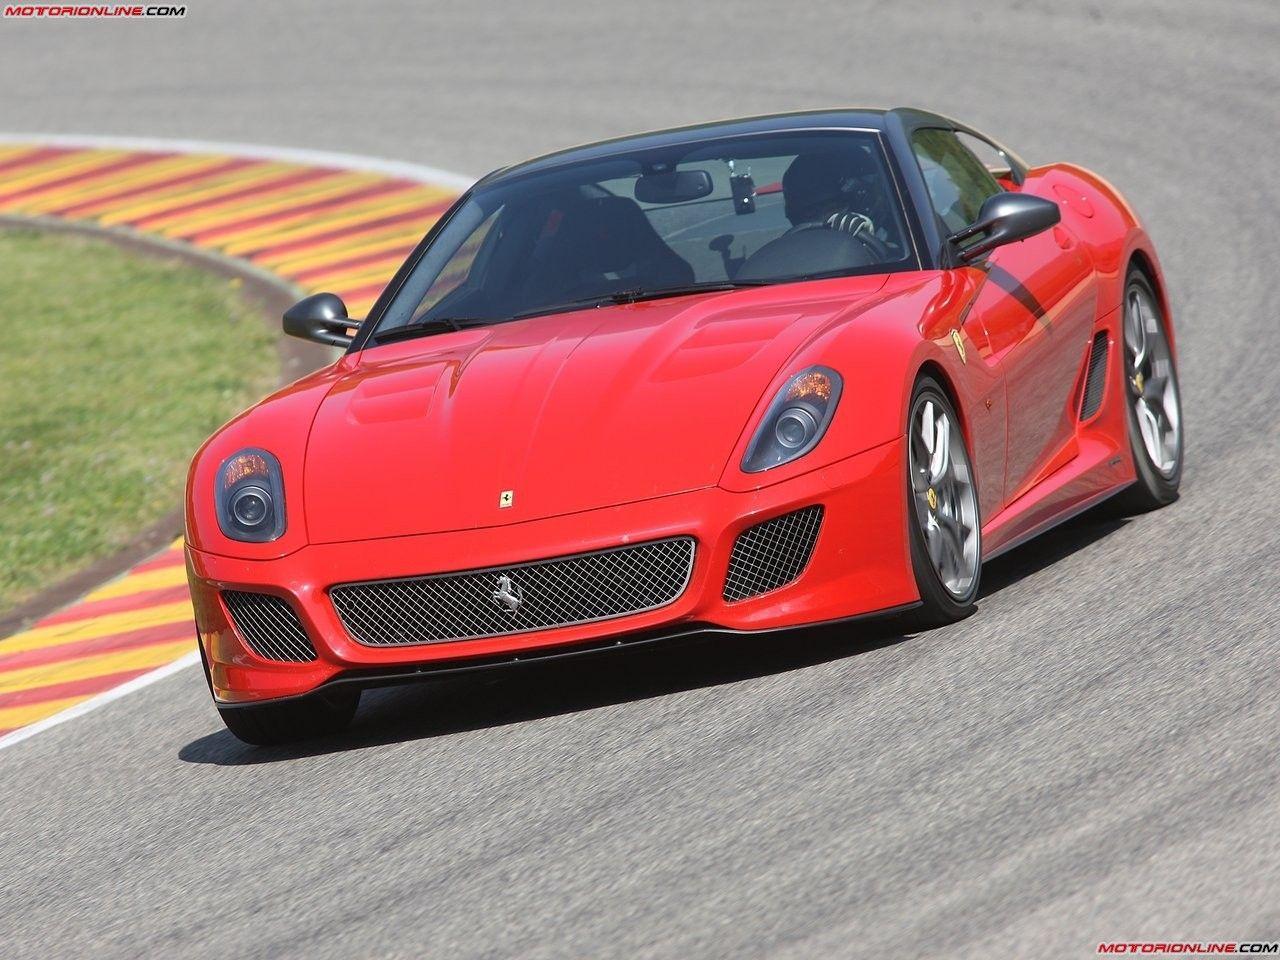 2011 Ferrari 599 GTO - Top Gear 2013 Jeremy Clarkson ...